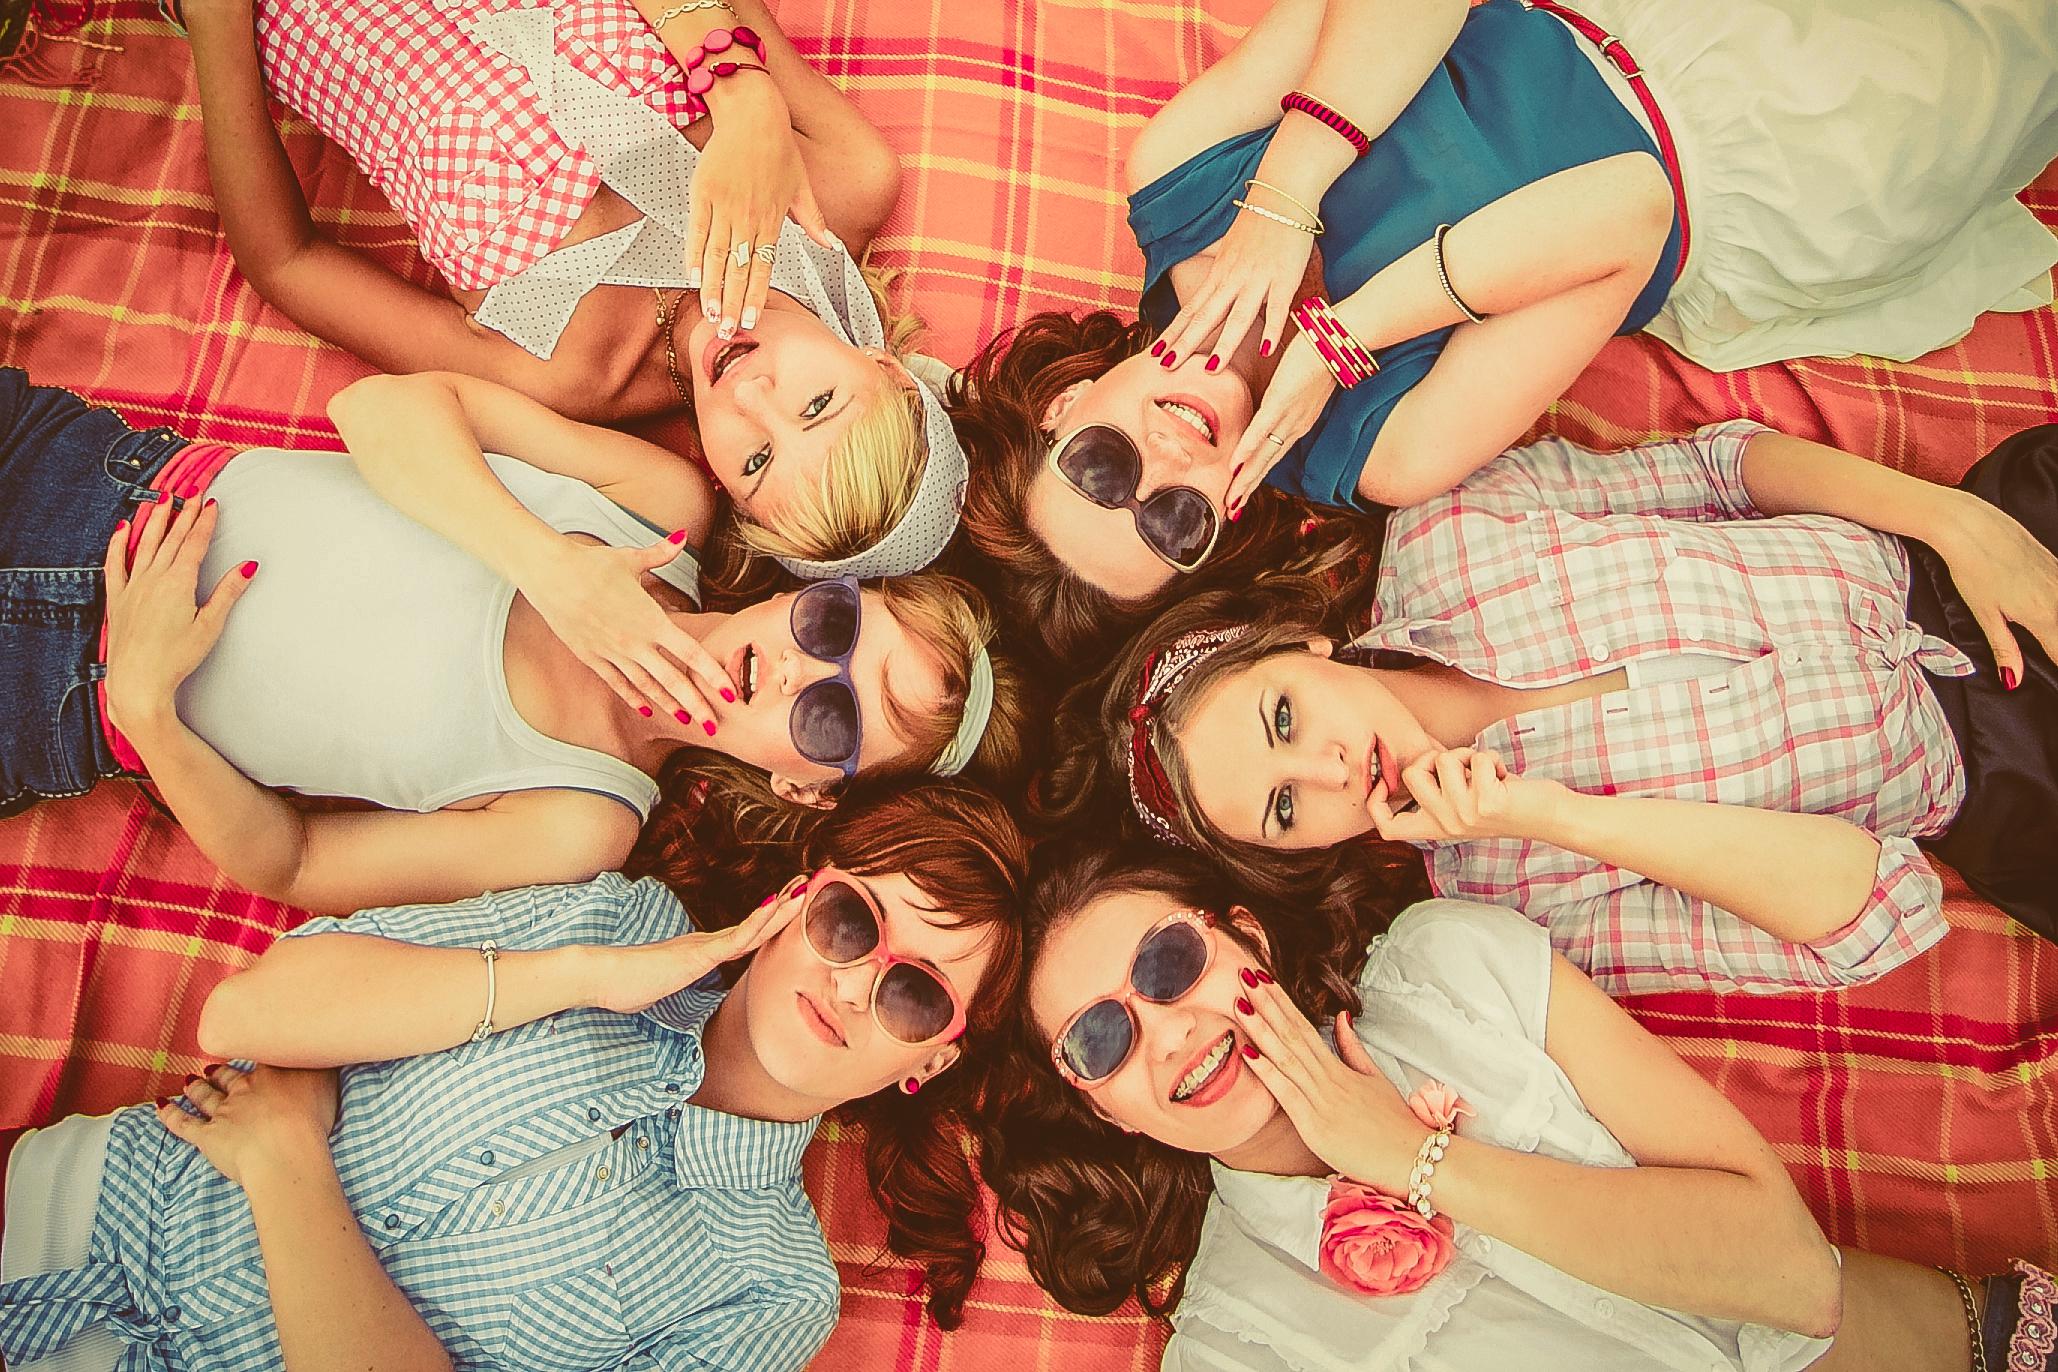 Студенты веселятся в сауне 27 фотография